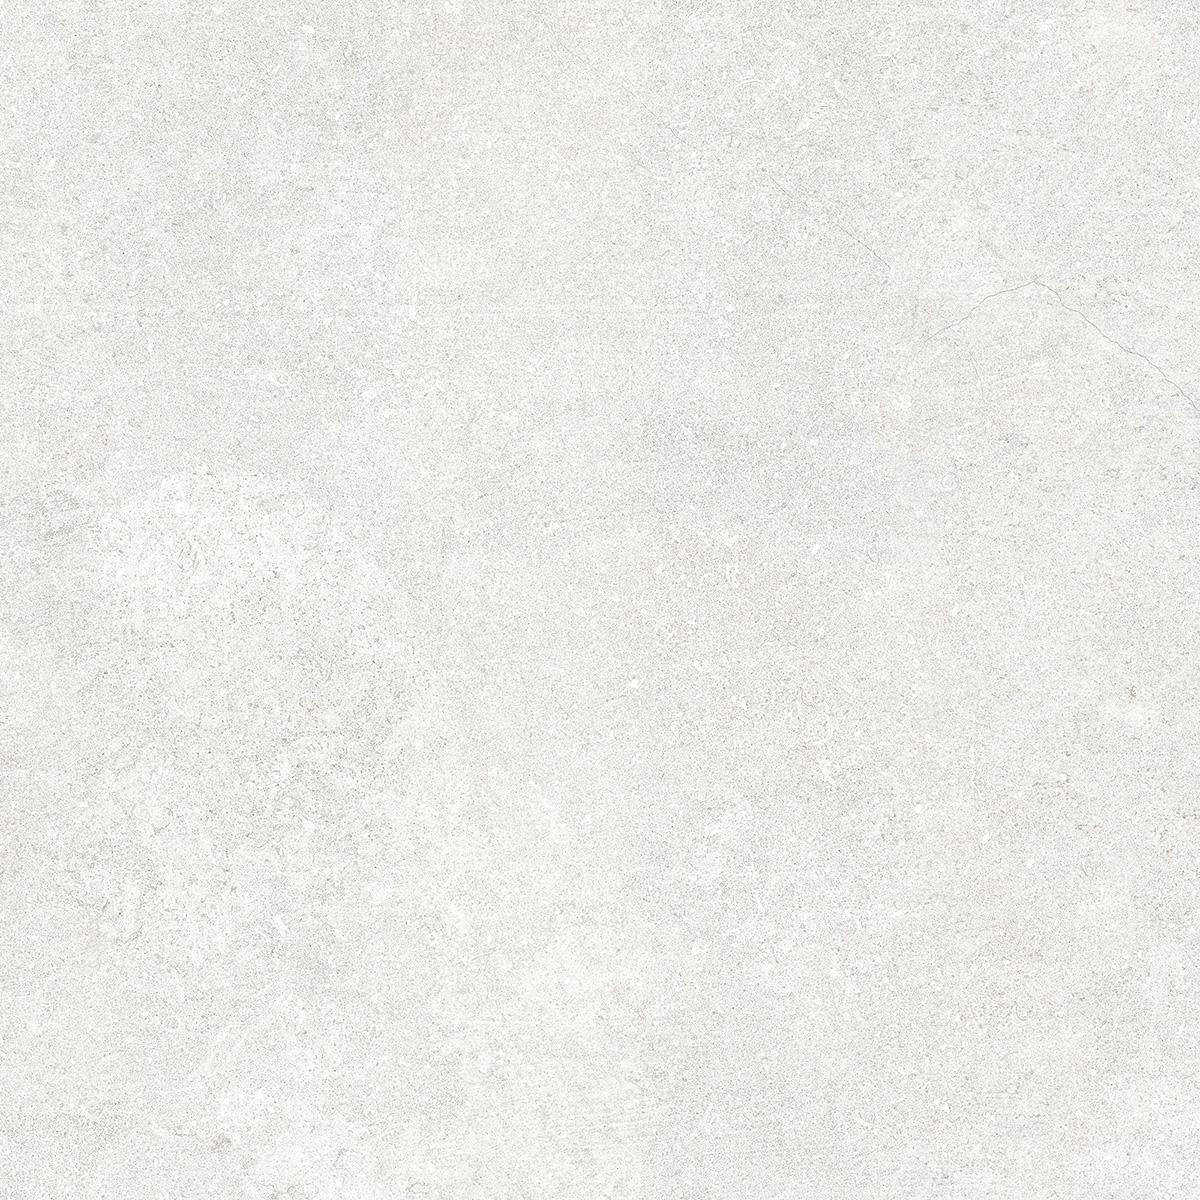 K945786R0001VTE0, Newcon, Valkoinen, lattia,pakkasenkesto